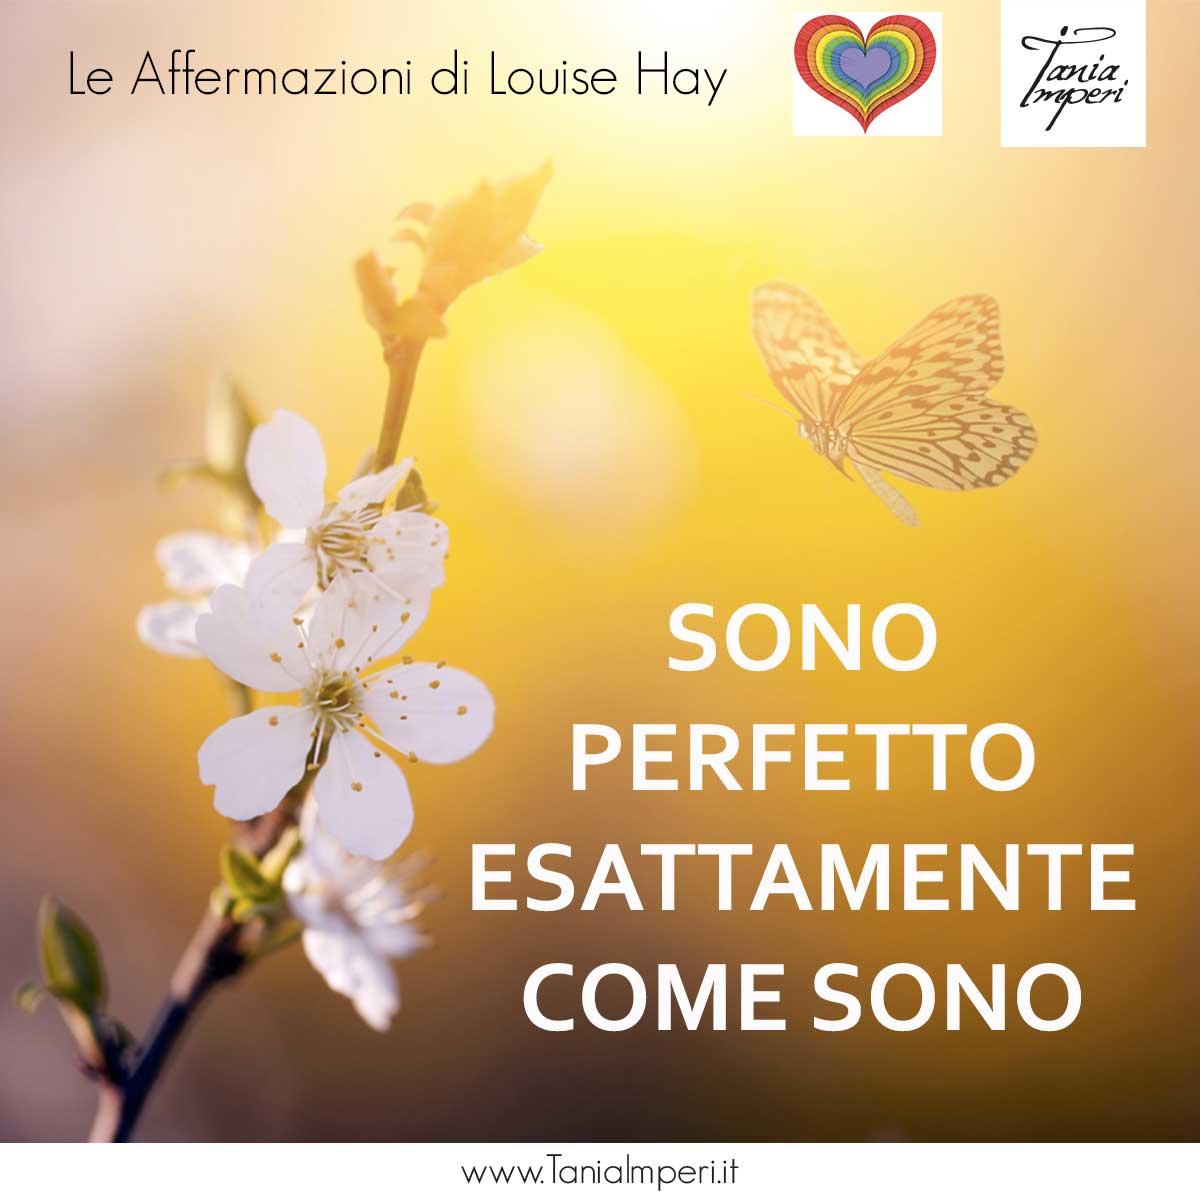 AFFERMAZIONI_LOUISE_HAY_TANIA_IMPERI_10_PERFETTO_COME-SONO-06MAR2017